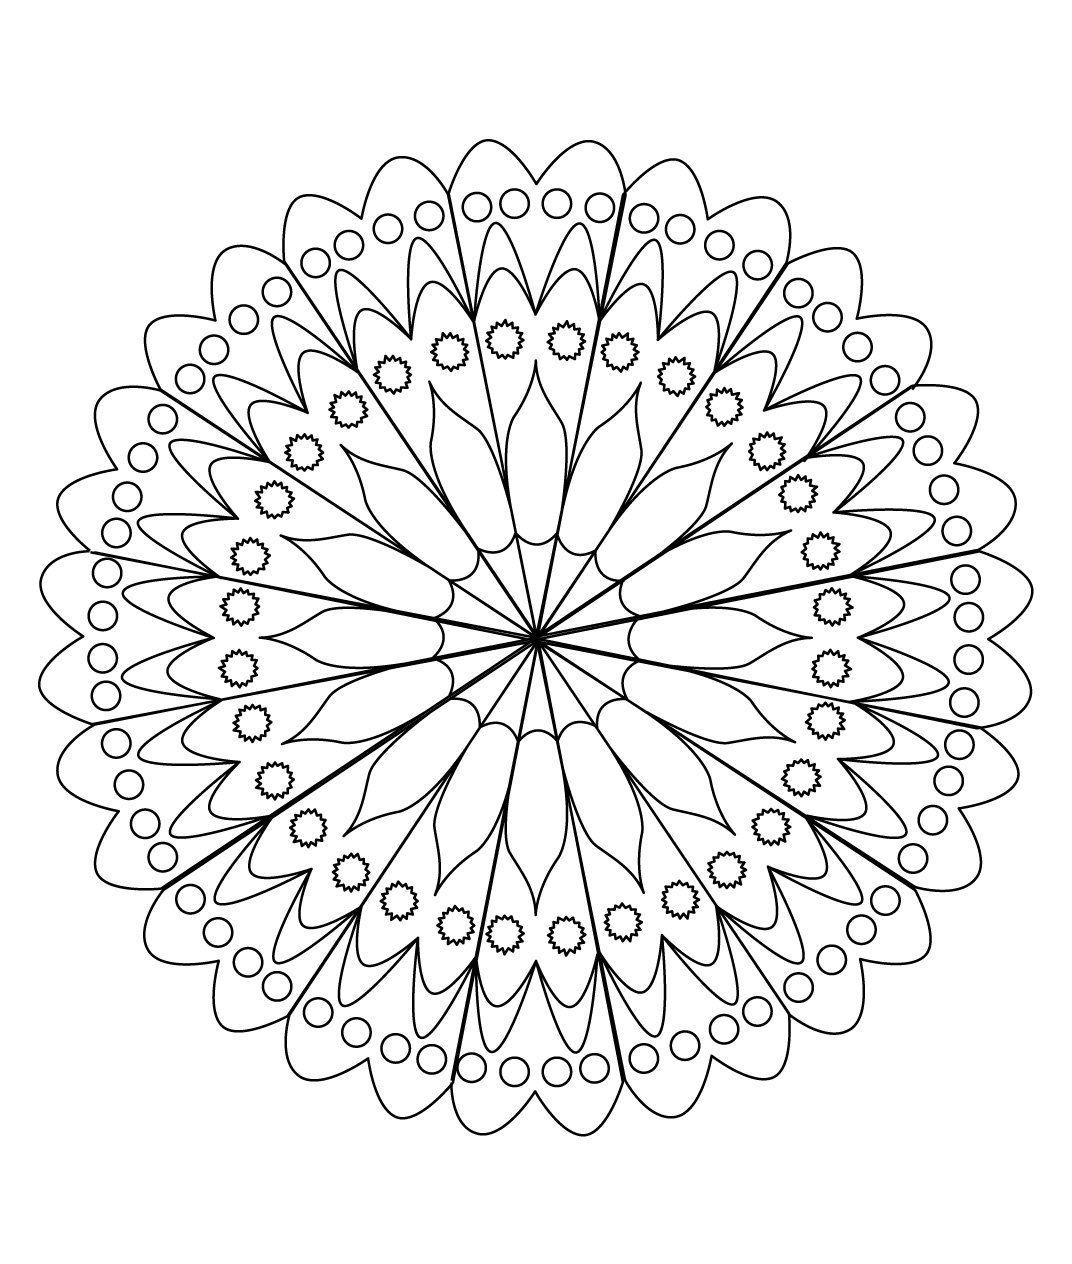 Stci coloriage pour adultes et enfants mandalas mandalas coloring pages pinterest adult - Mandala adulte ...